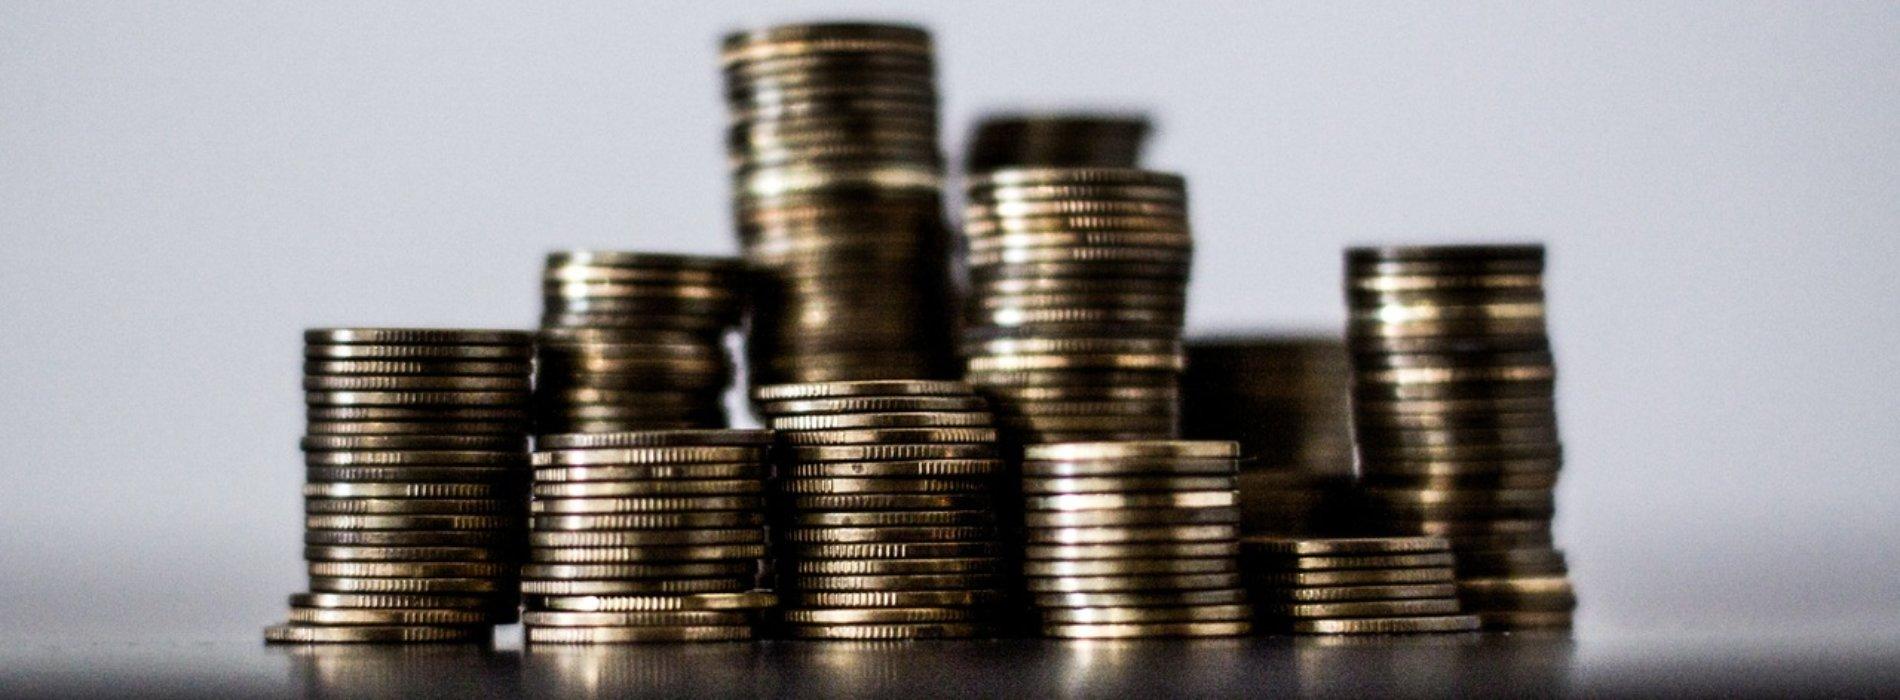 Czym są szybkie pożyczki?